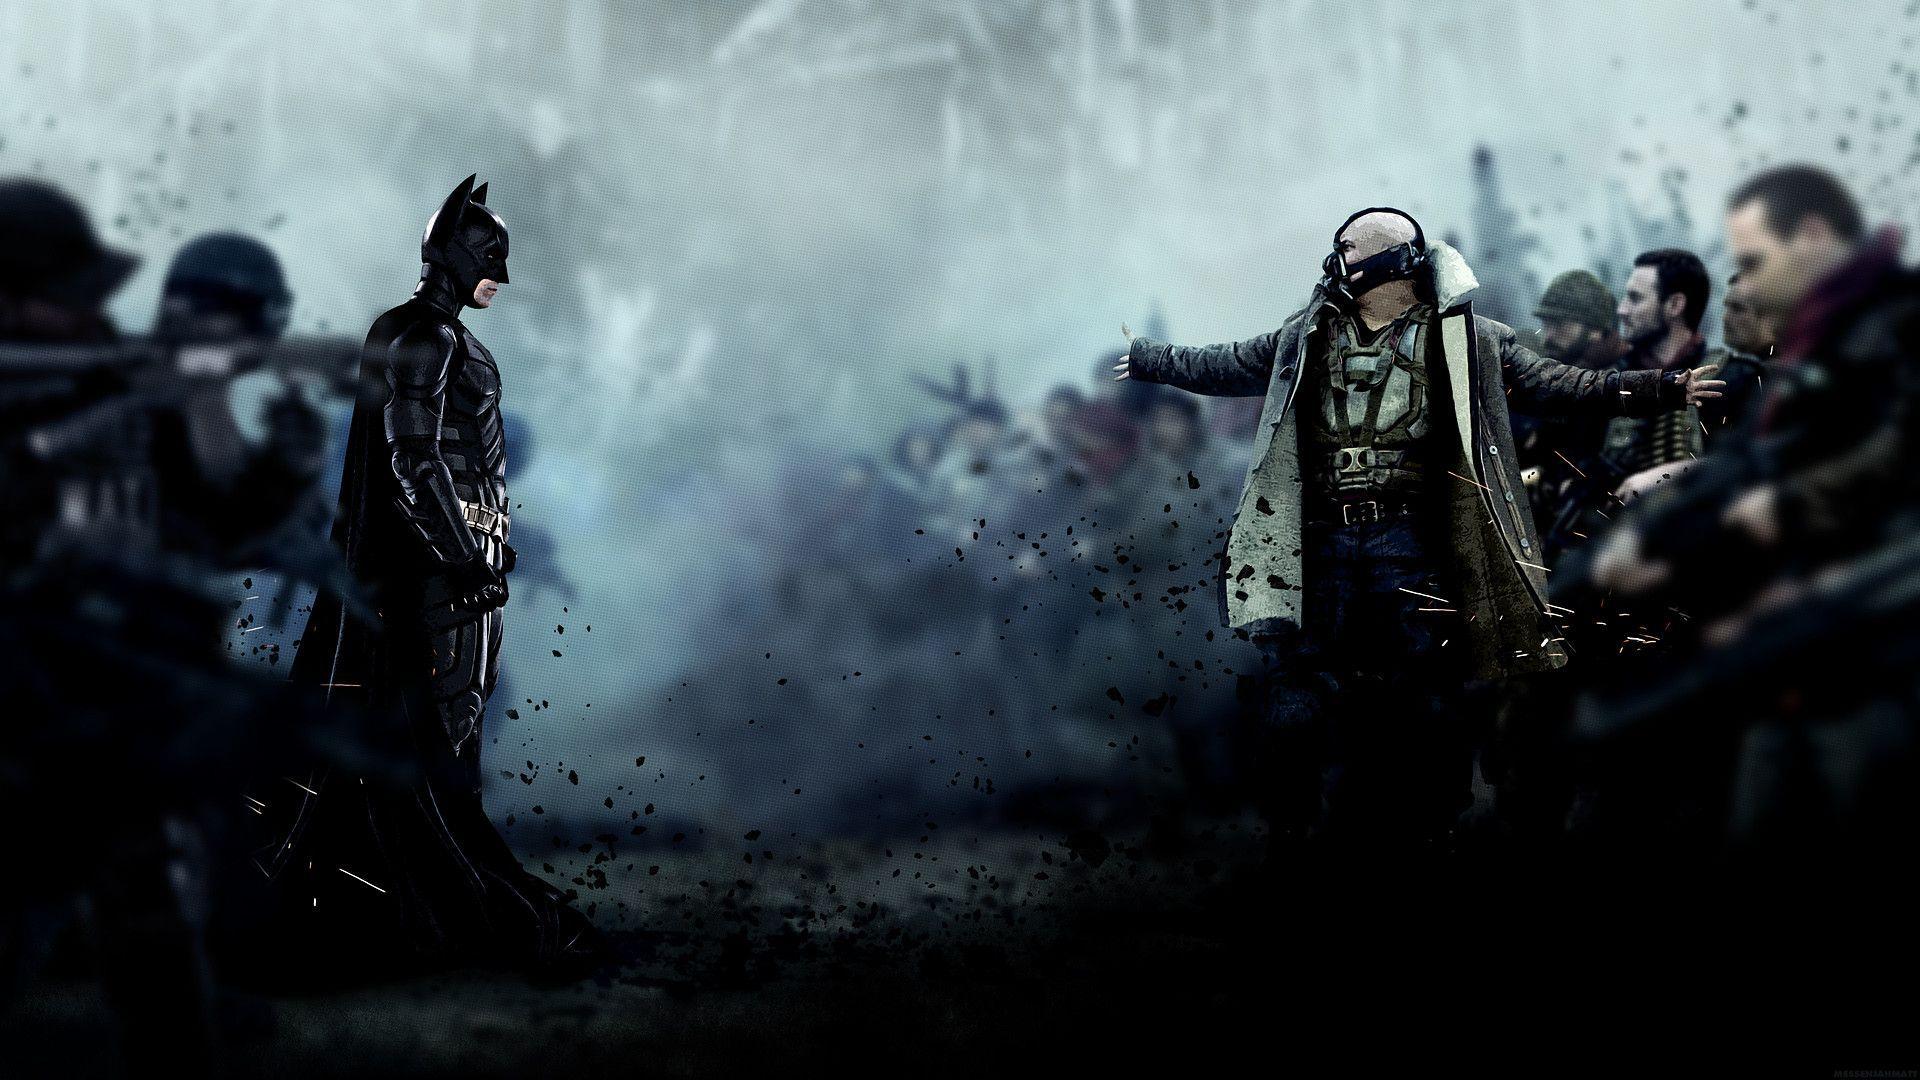 Batman Arkham Knight Computer Wallpapers Desktop Backgrounds